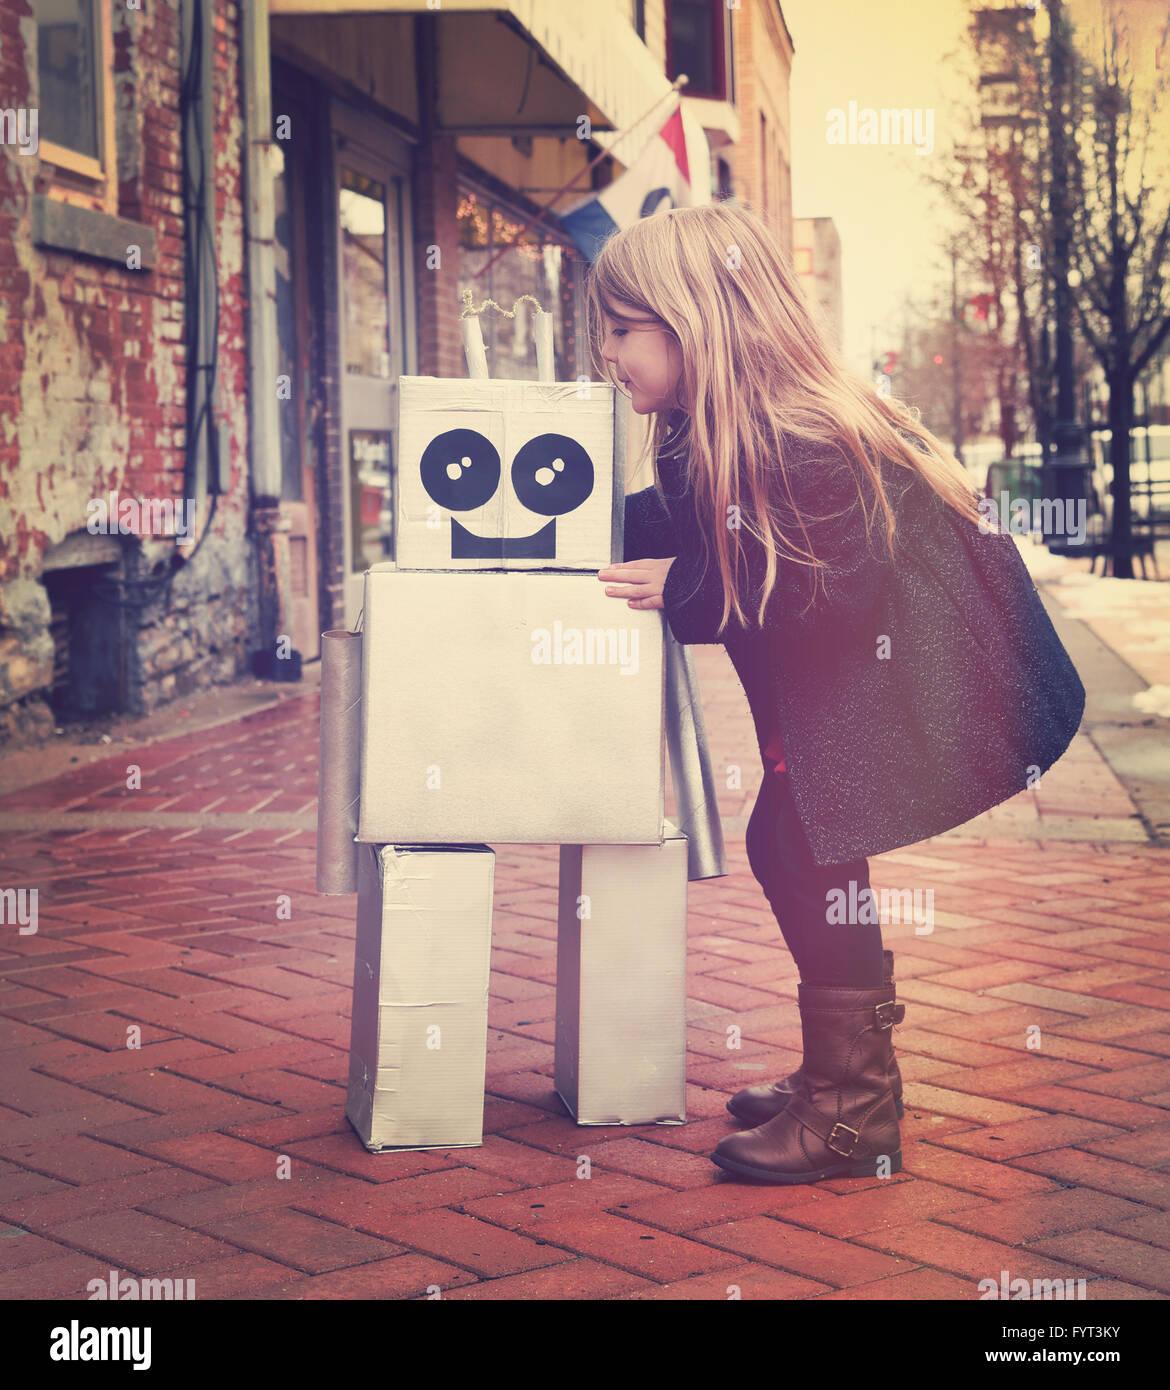 Ein kleines Mädchen umarmt einen Metall Pappen Roboter Innenstadt gegen eine Mauer außerhalb für Stockbild